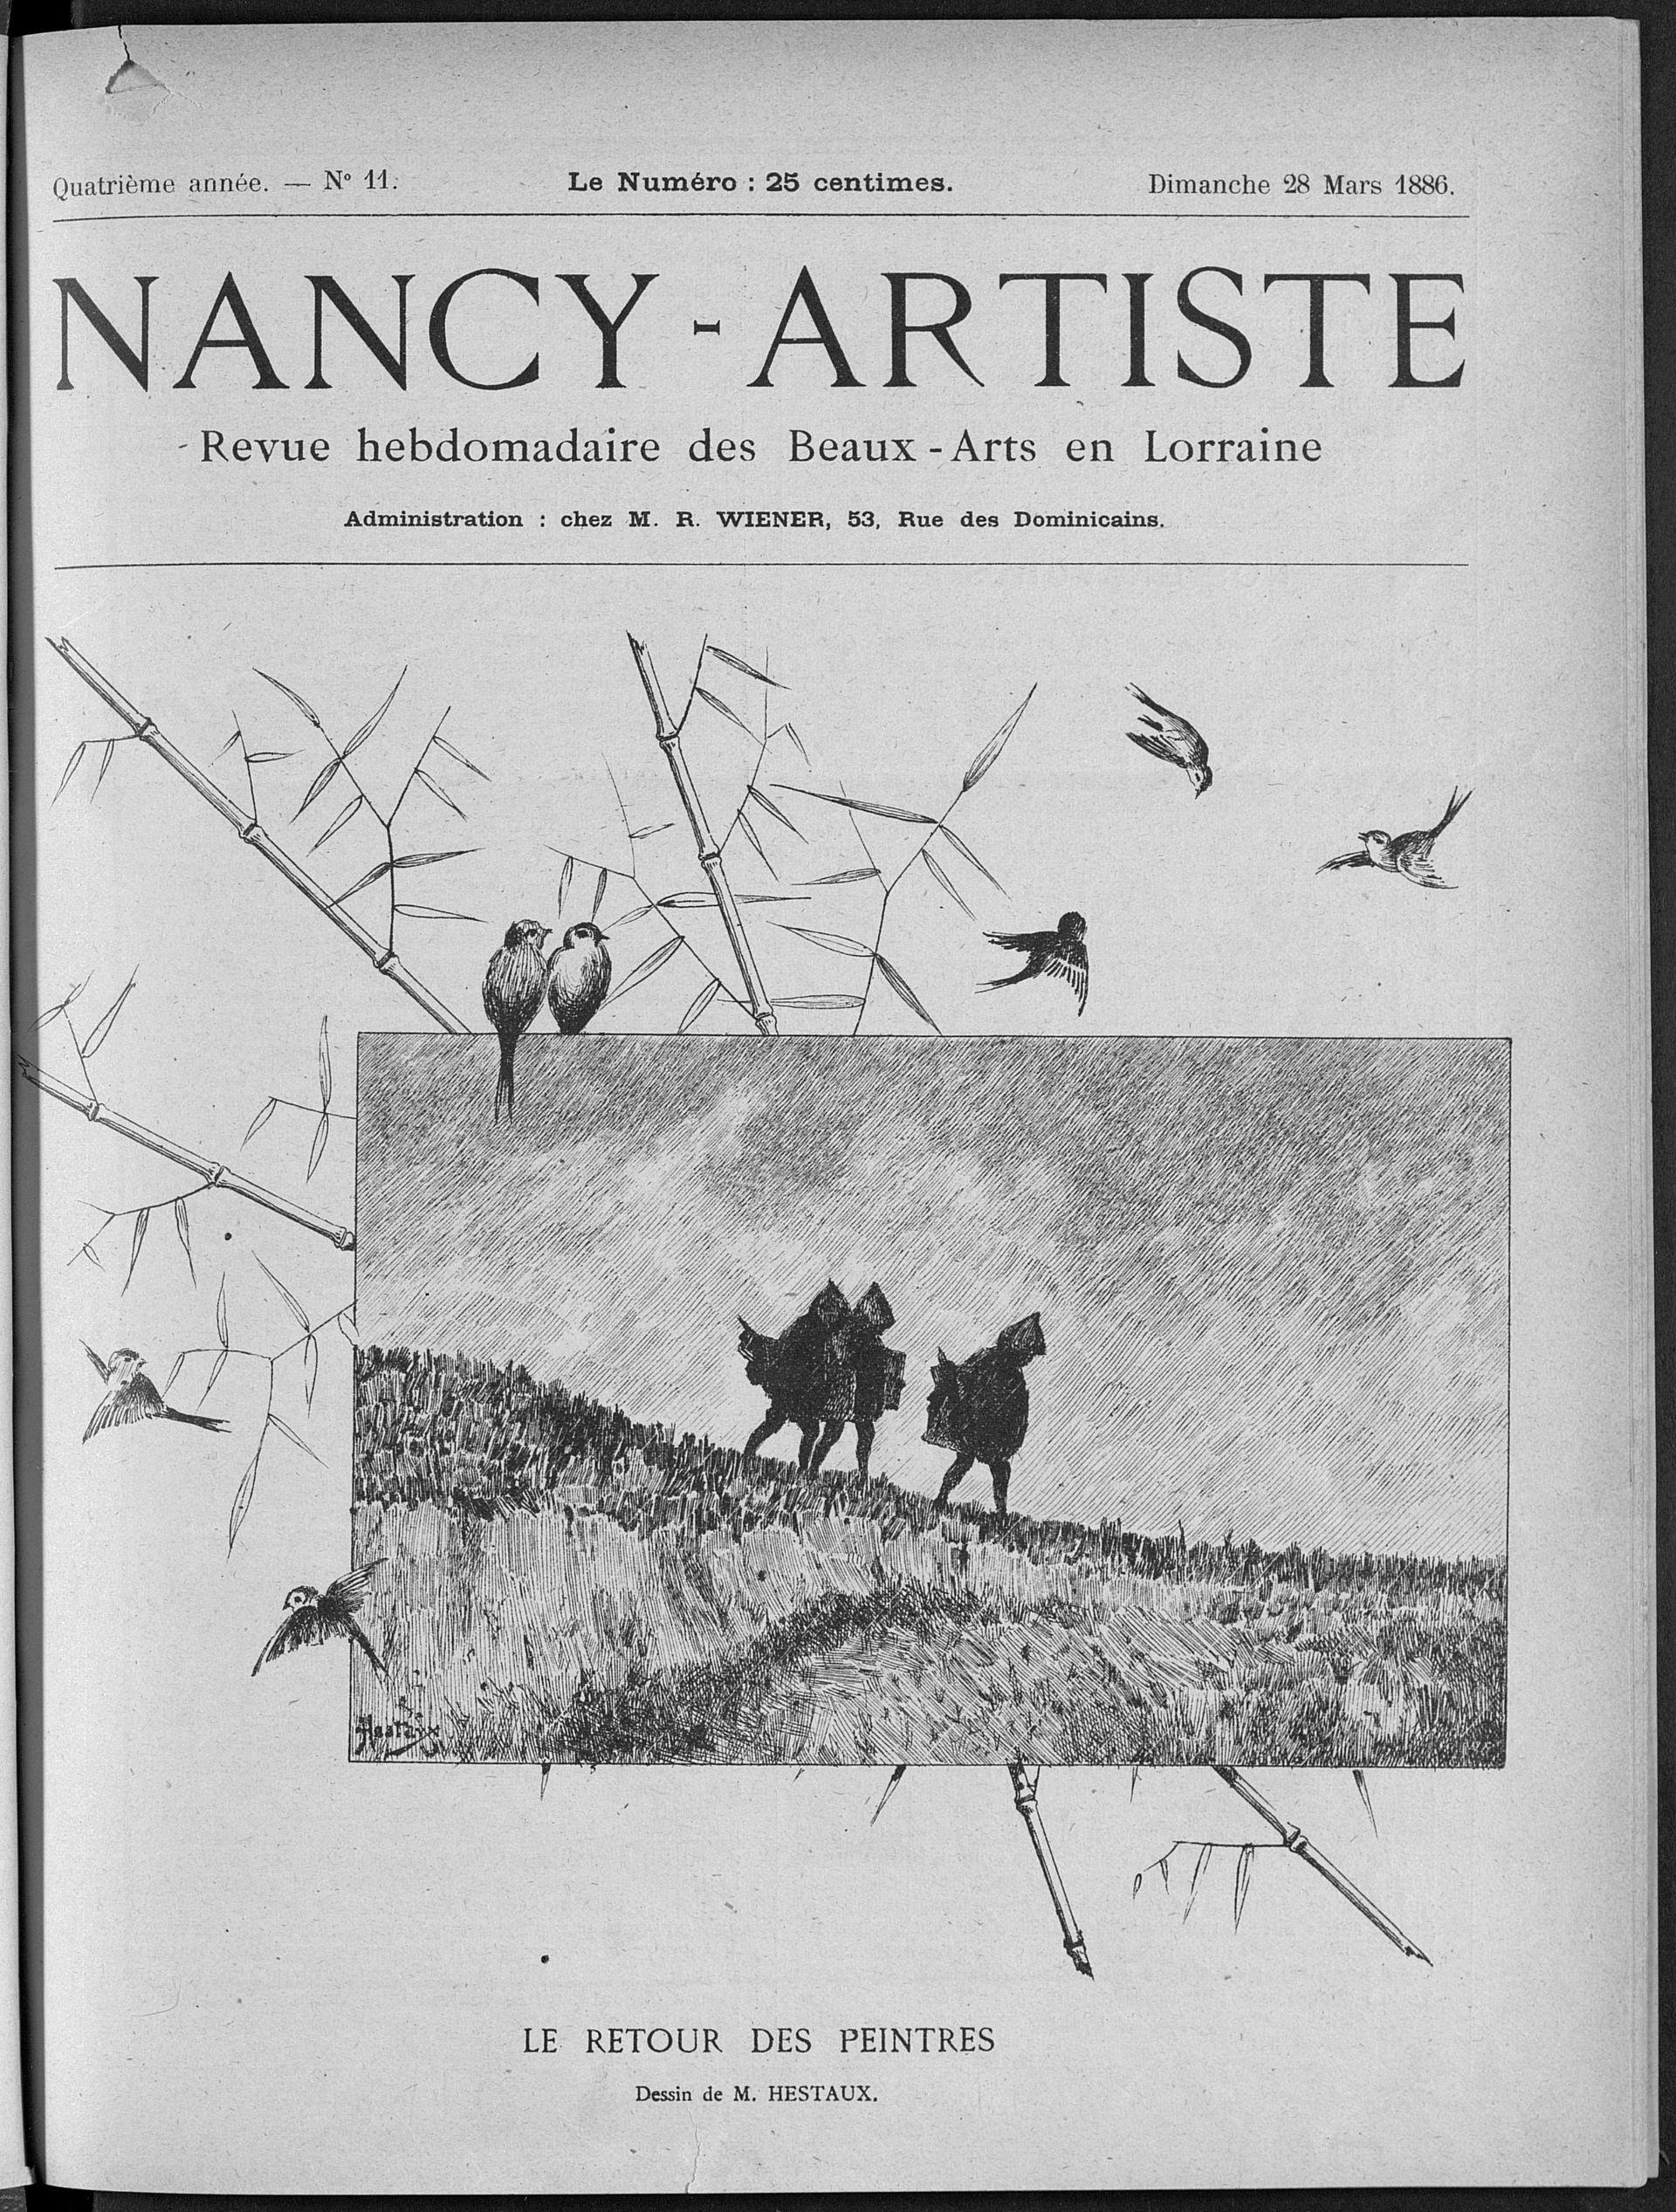 De Nancy à Lorraine Artiste : la revue des arts lorrains